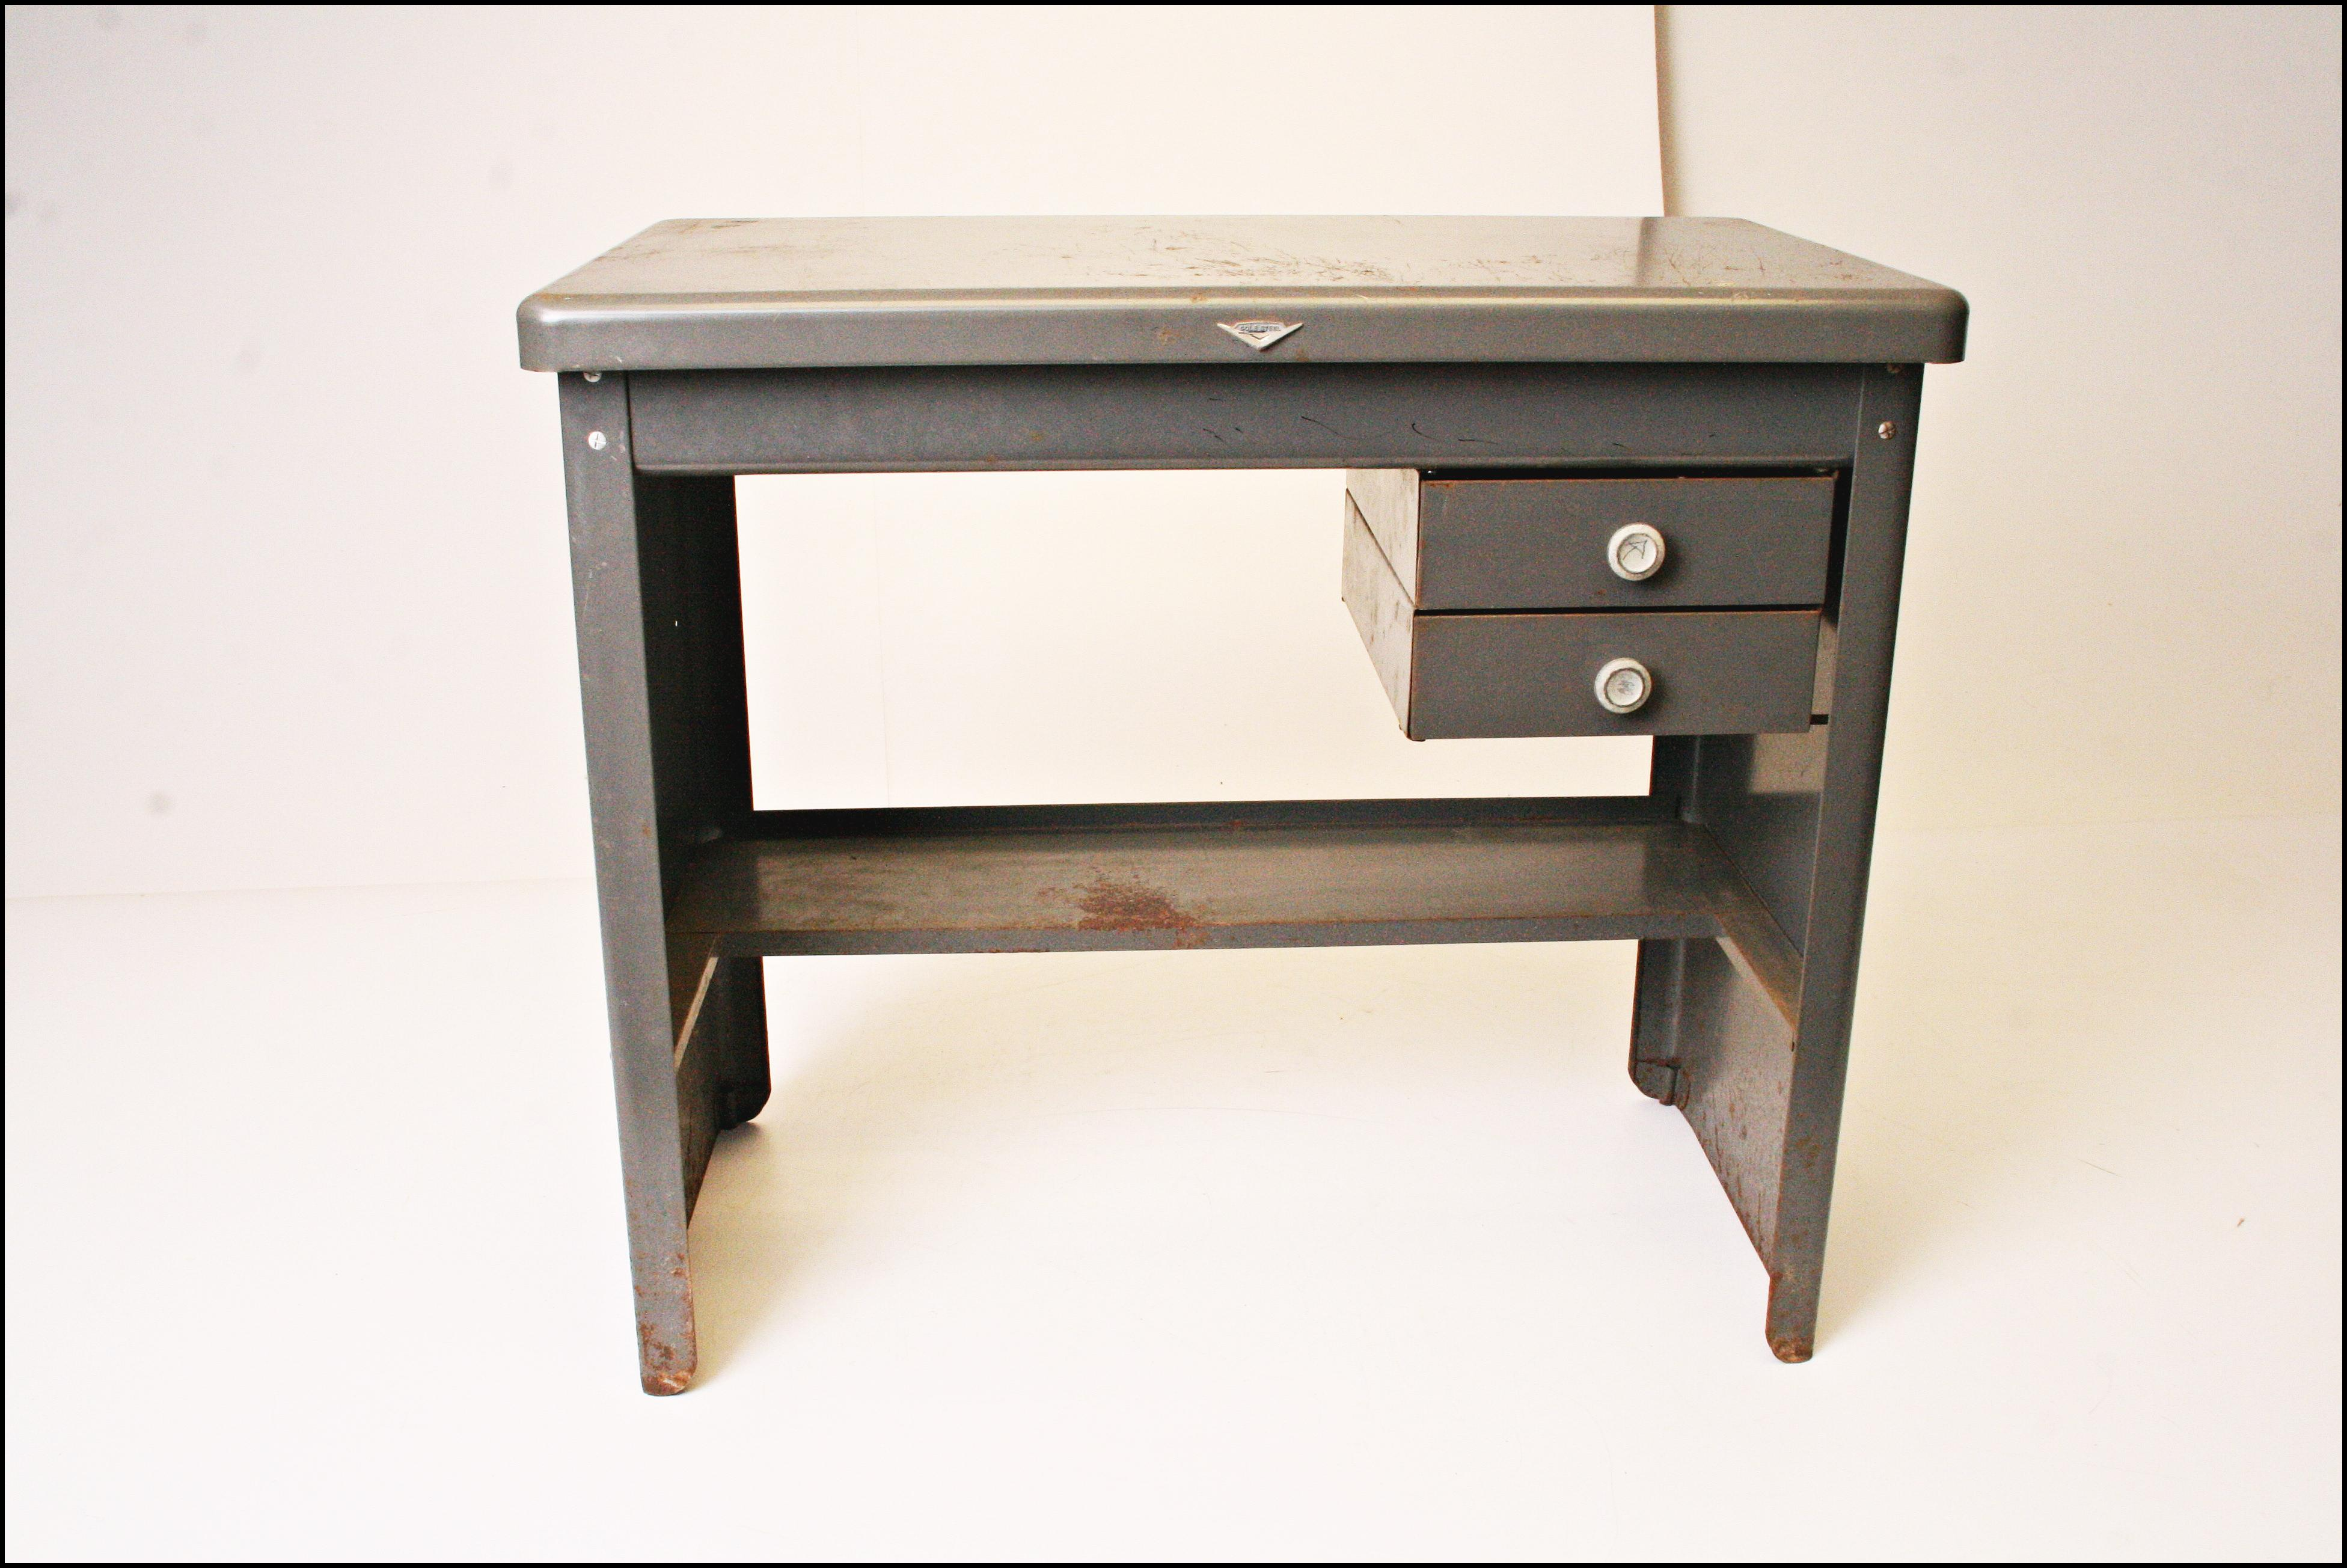 steel furniture images. Vintage Steel Furniture. Cole Industrial Gray Metal Desk - Image 2 Of 11 Furniture Images